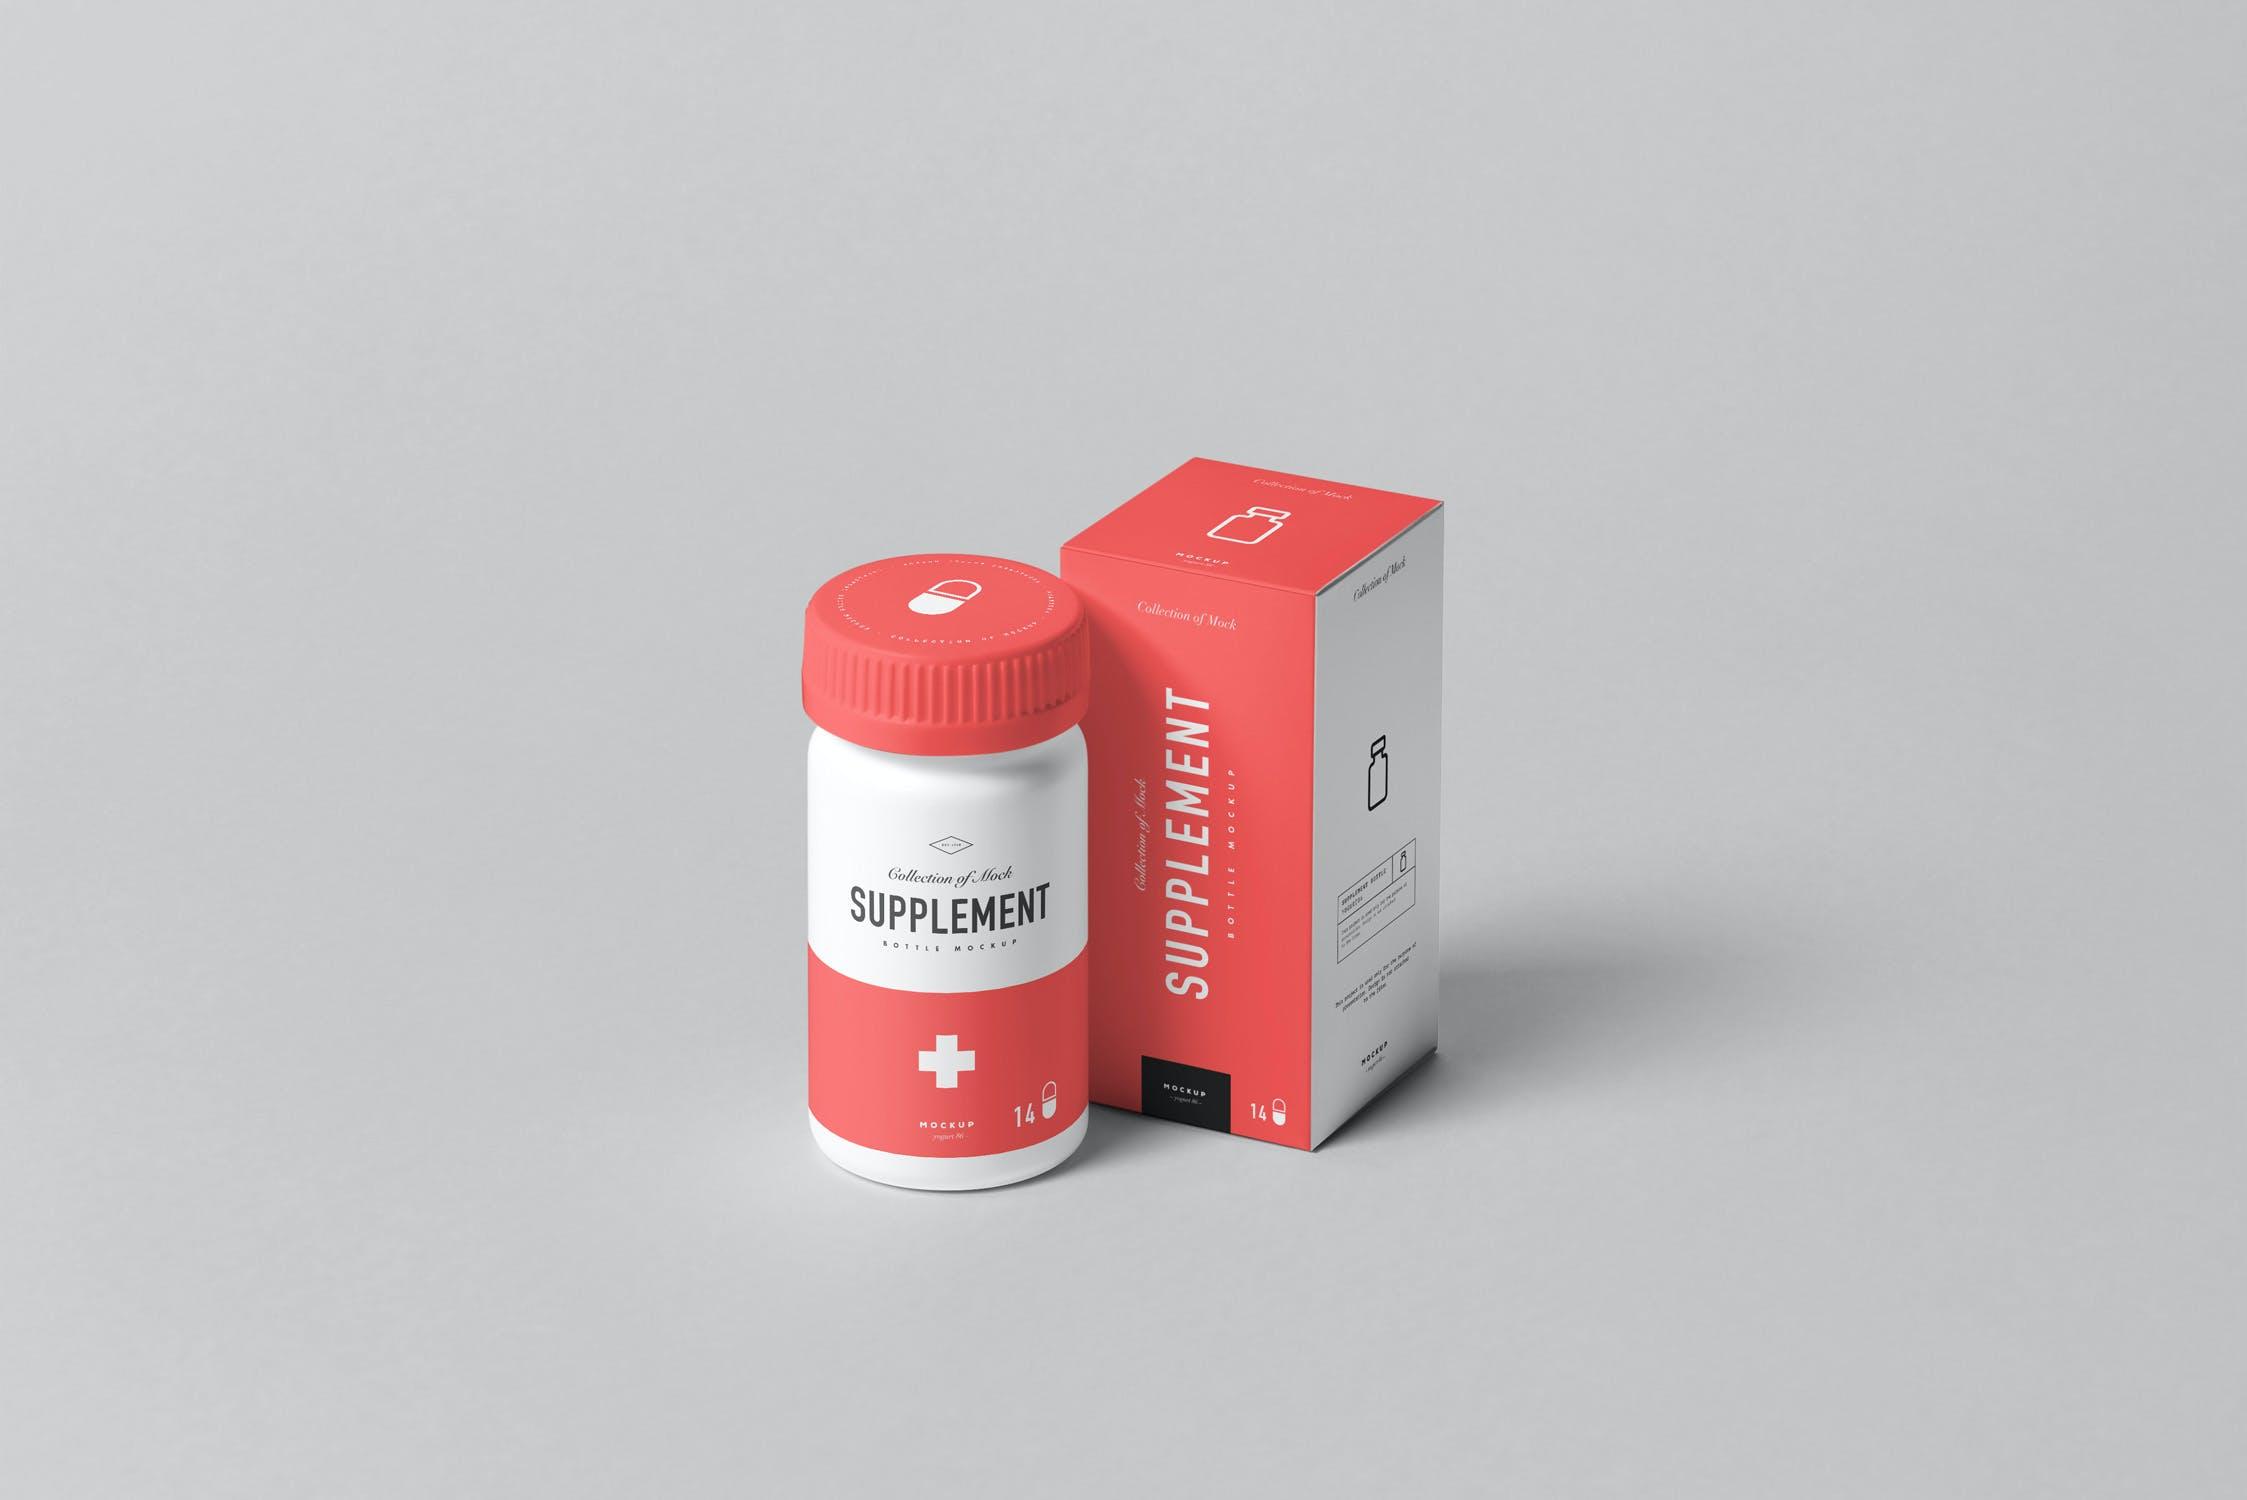 9款药物塑料补充瓶包装纸盒设计展示样机模板 Supplement Jar & Box Mockup 4插图